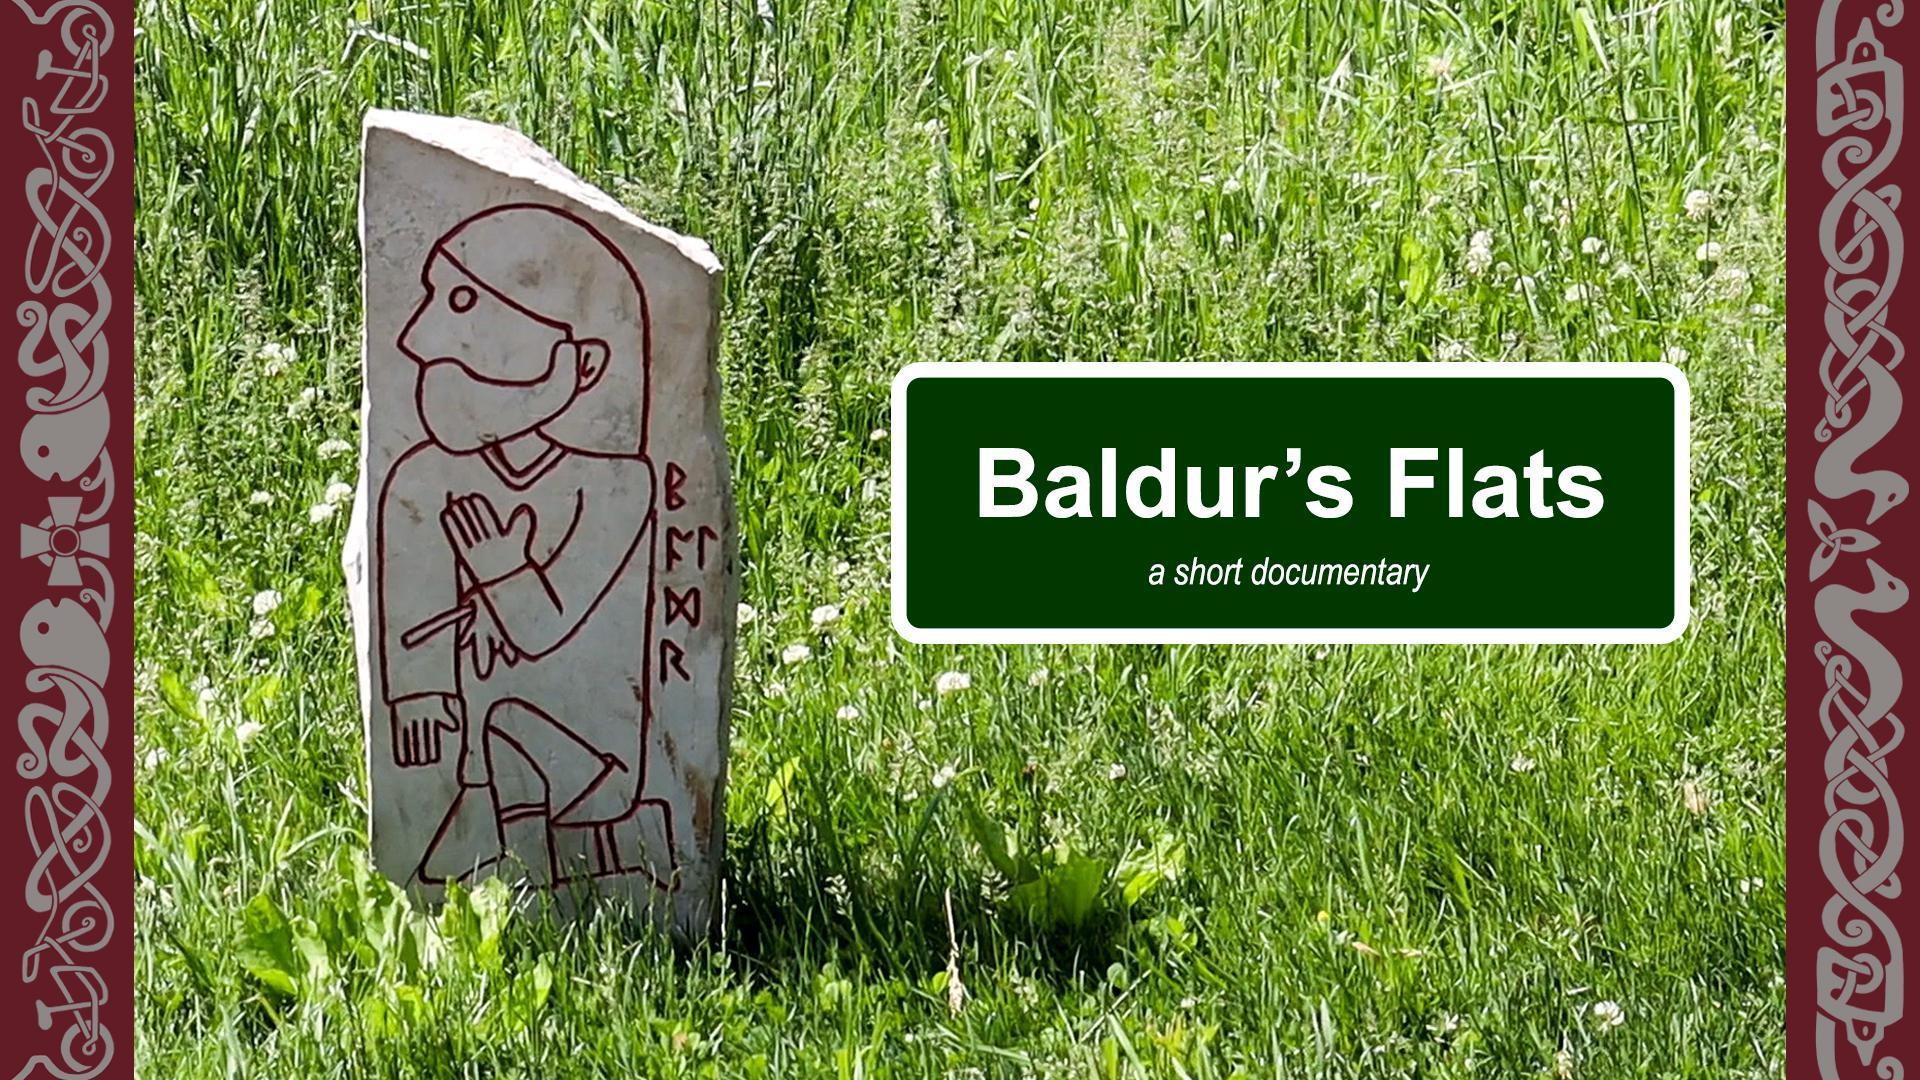 Baldur's Flats